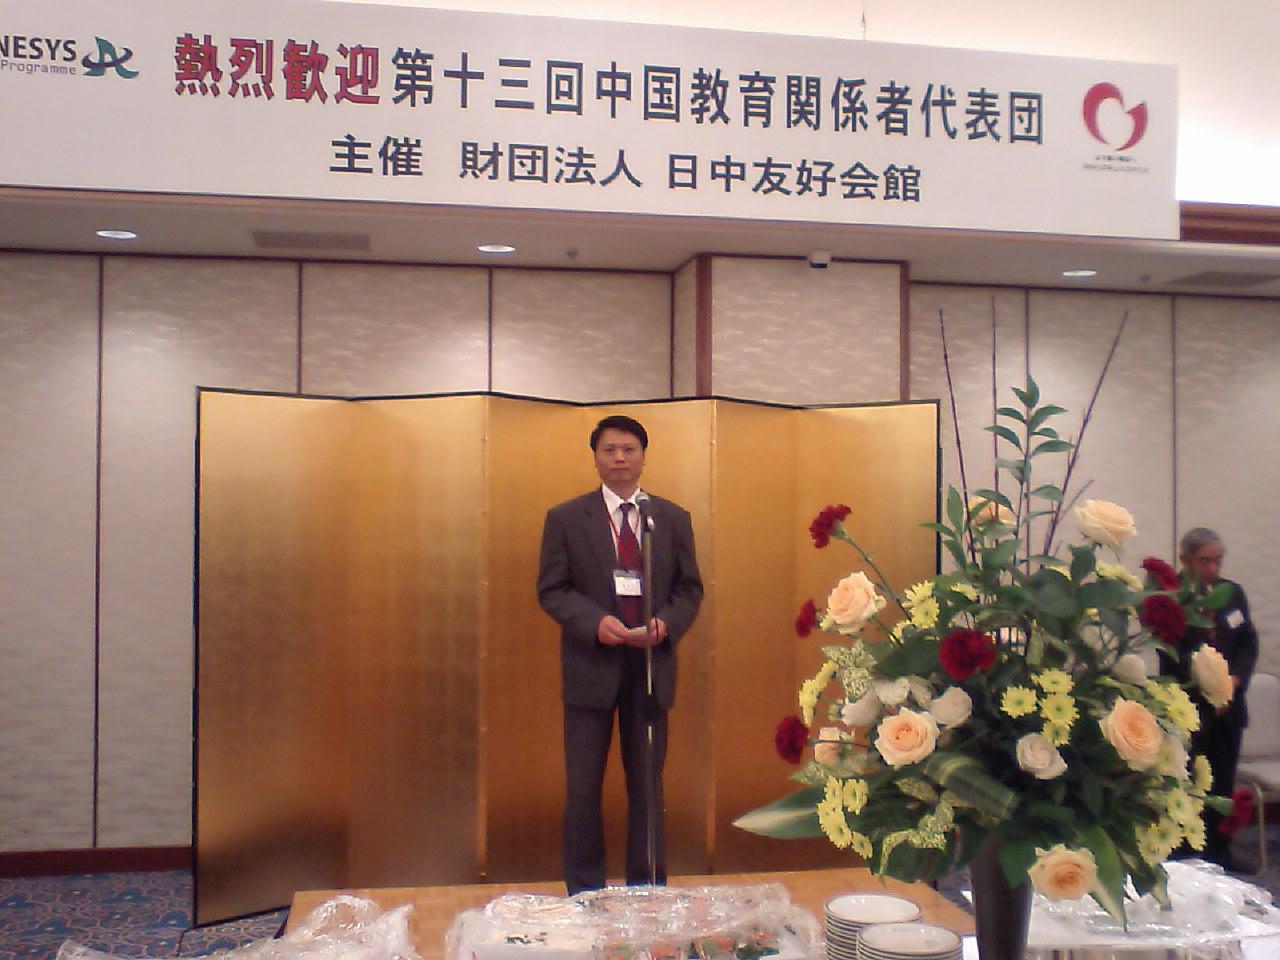 中国側の訪日団団長・馮奇琳北京労働保証職業学院副院長の挨拶_d0027795_1831062.jpg